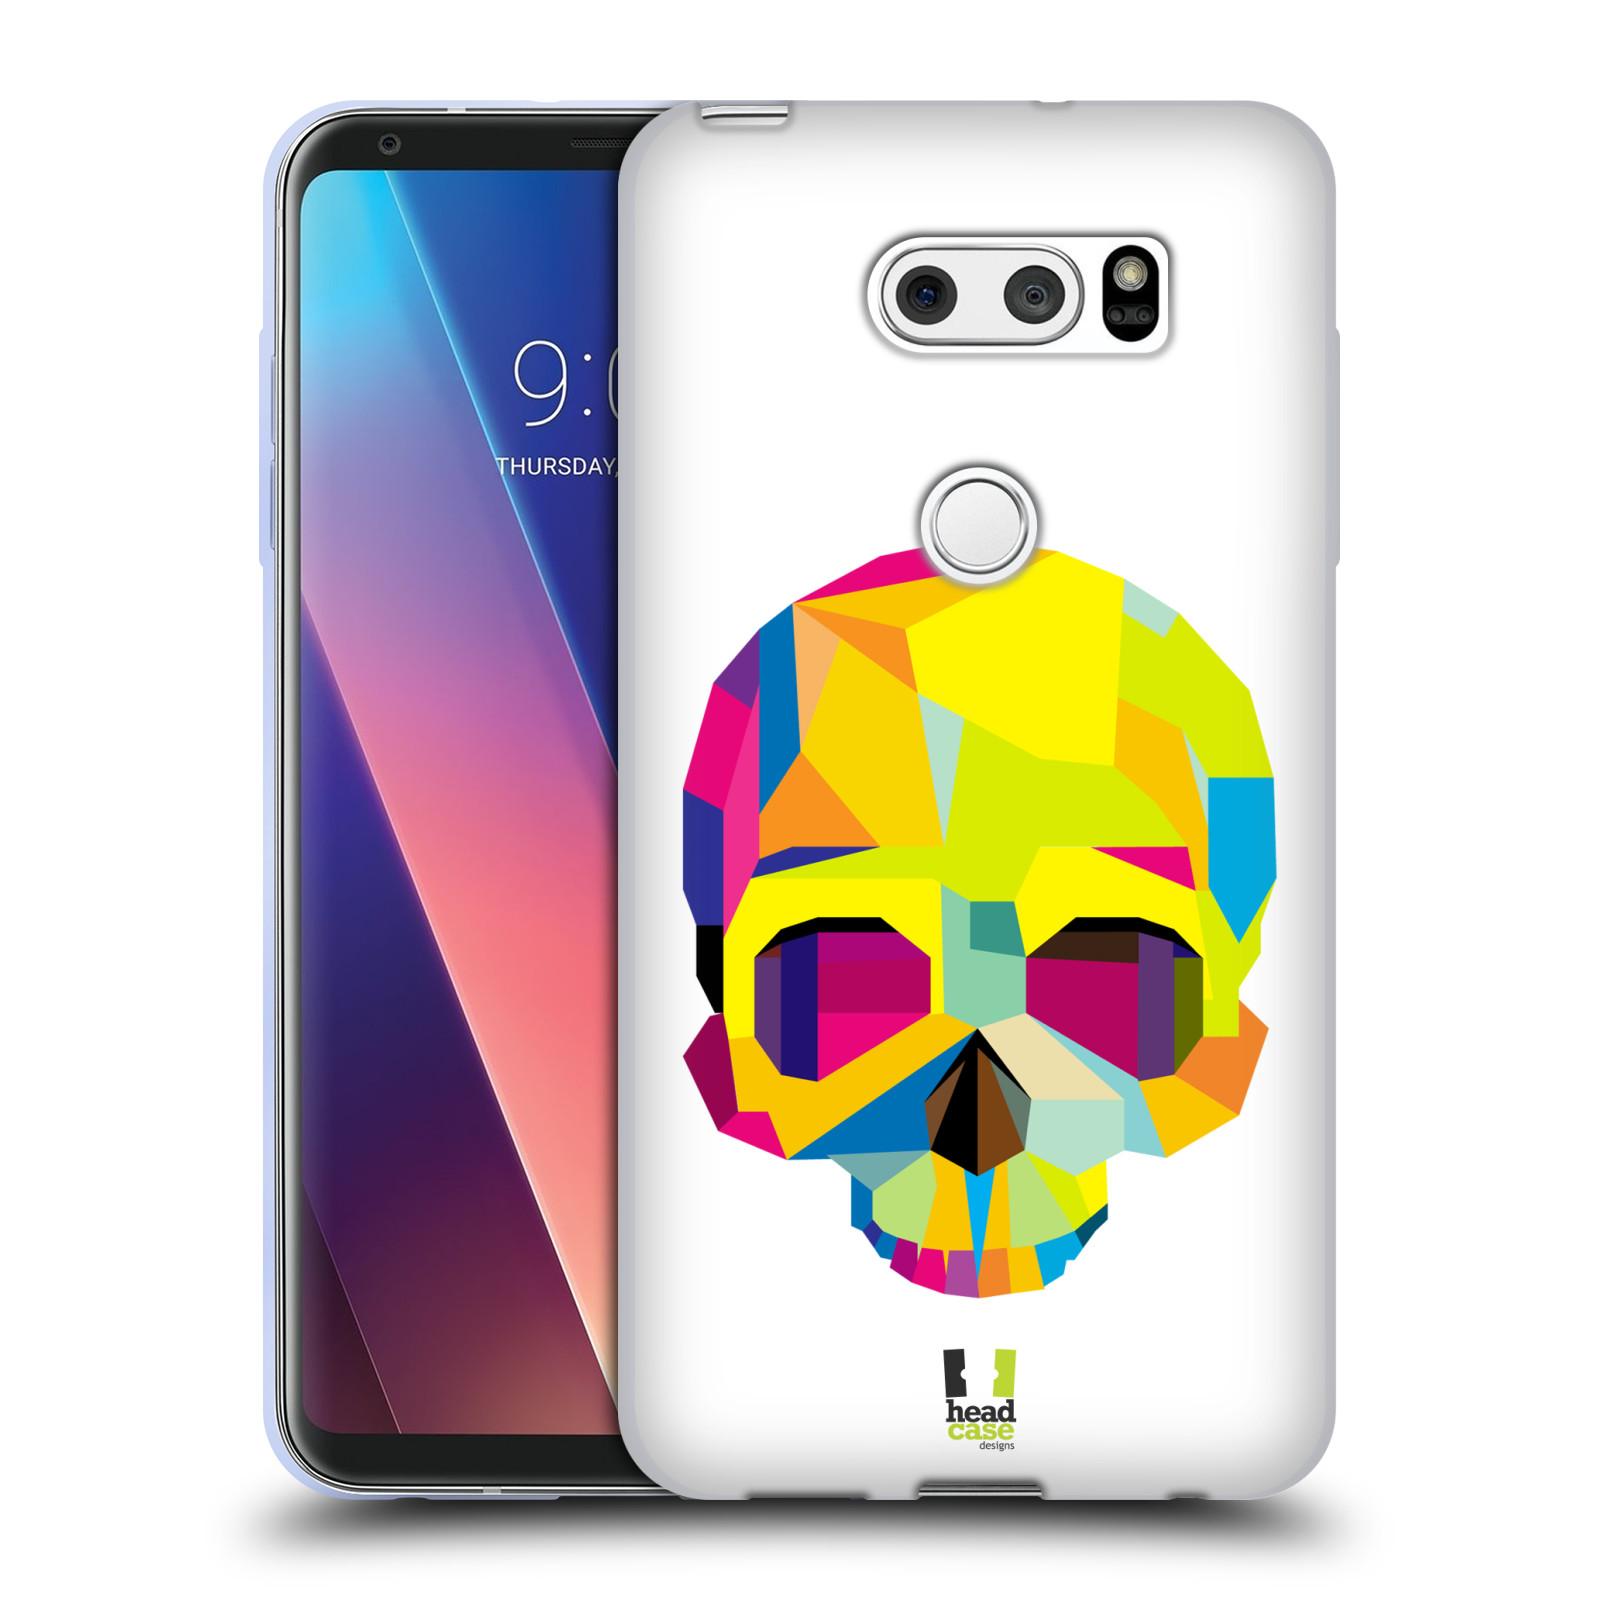 HEAD CASE silikonový obal na mobil LG V30 / V30 PLUS vzor POP ART kubismus smrtelnost